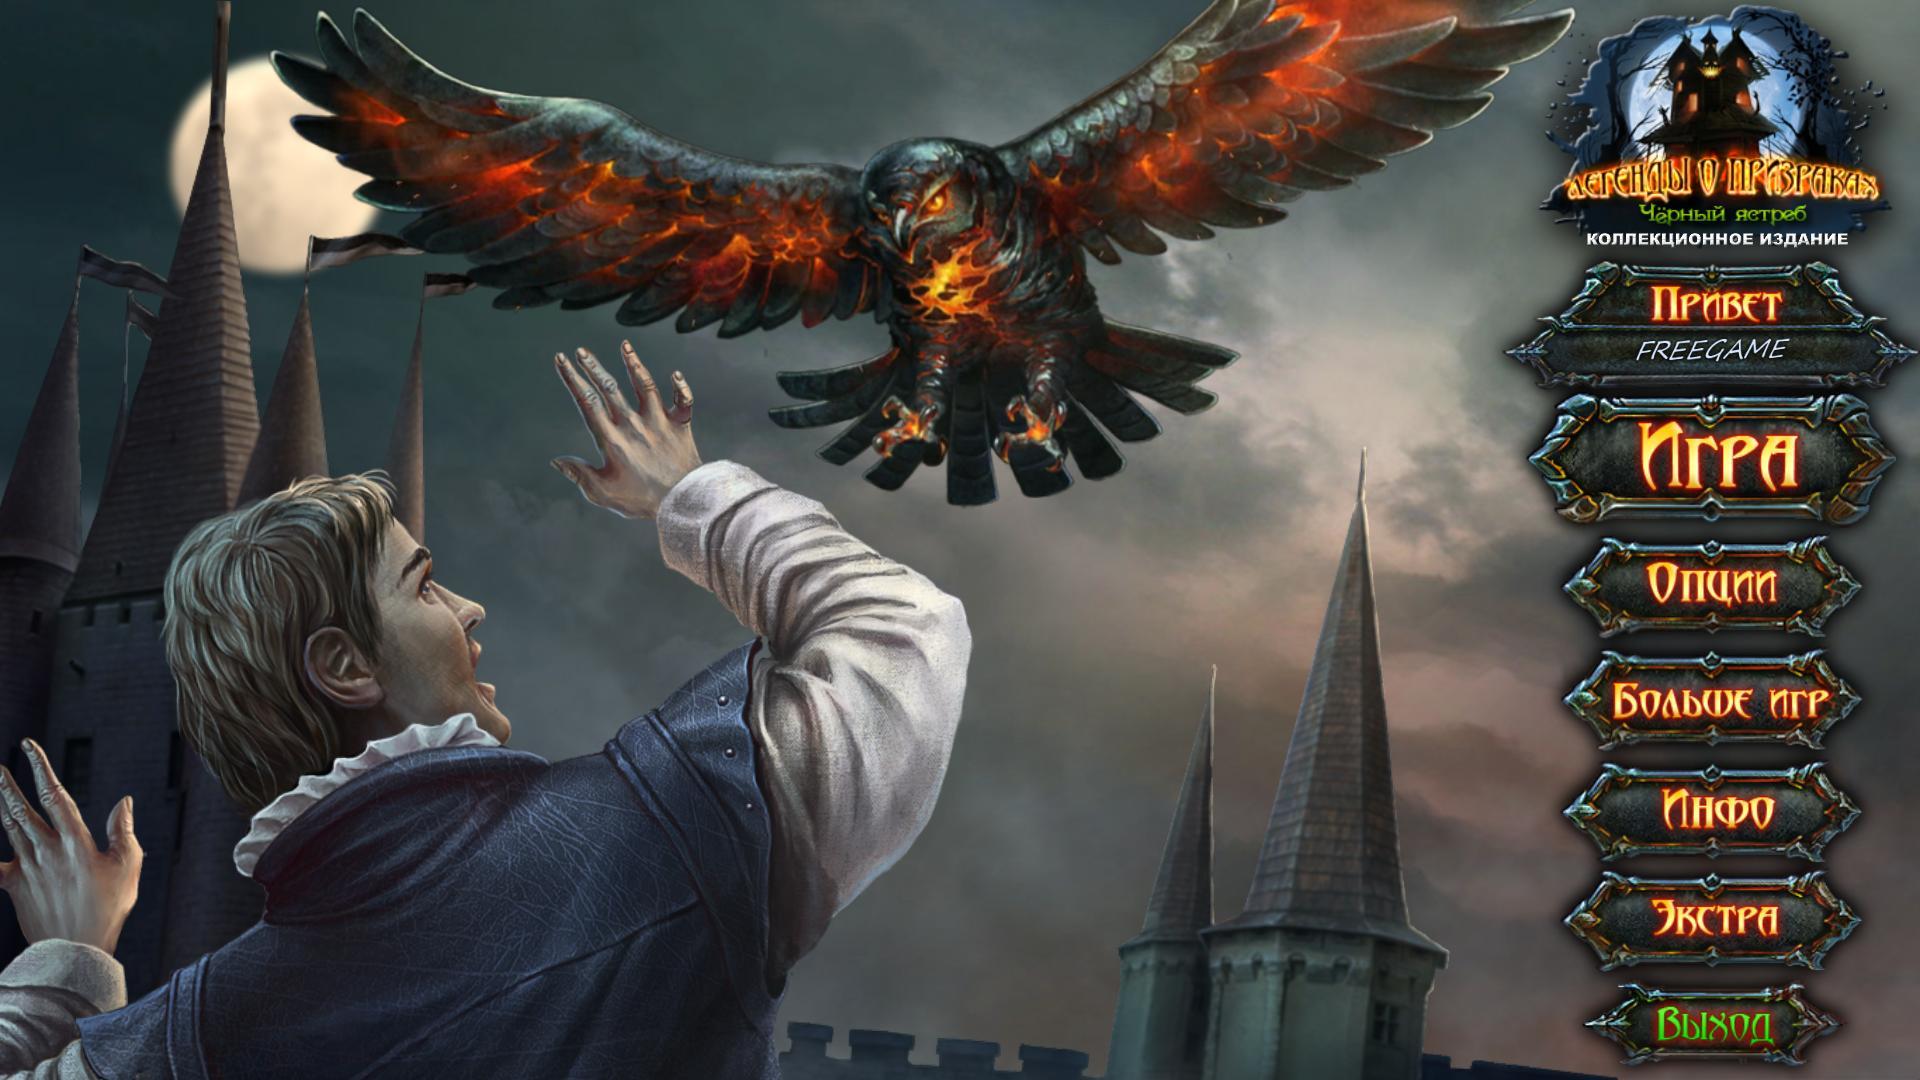 Легенды о призраках 10: Черный ястреб. Коллекционное издание | Haunted Legends 10: Black Hawk CE (Rus)